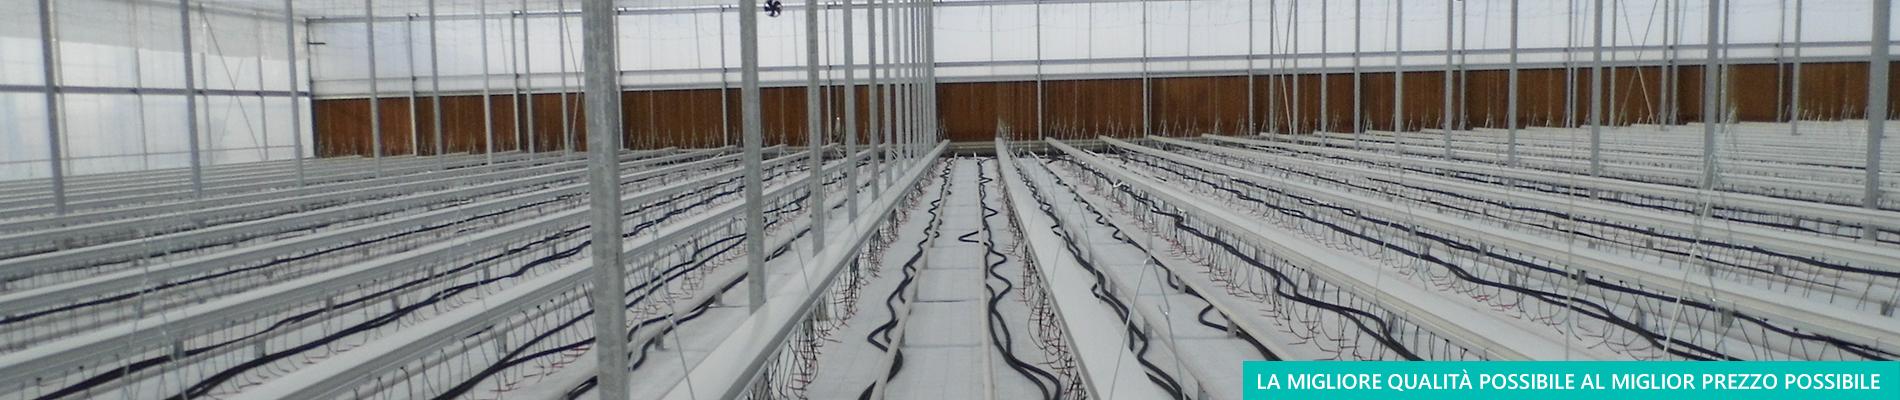 Vendita di tessuti tecnici per colture protette - Aduno srl